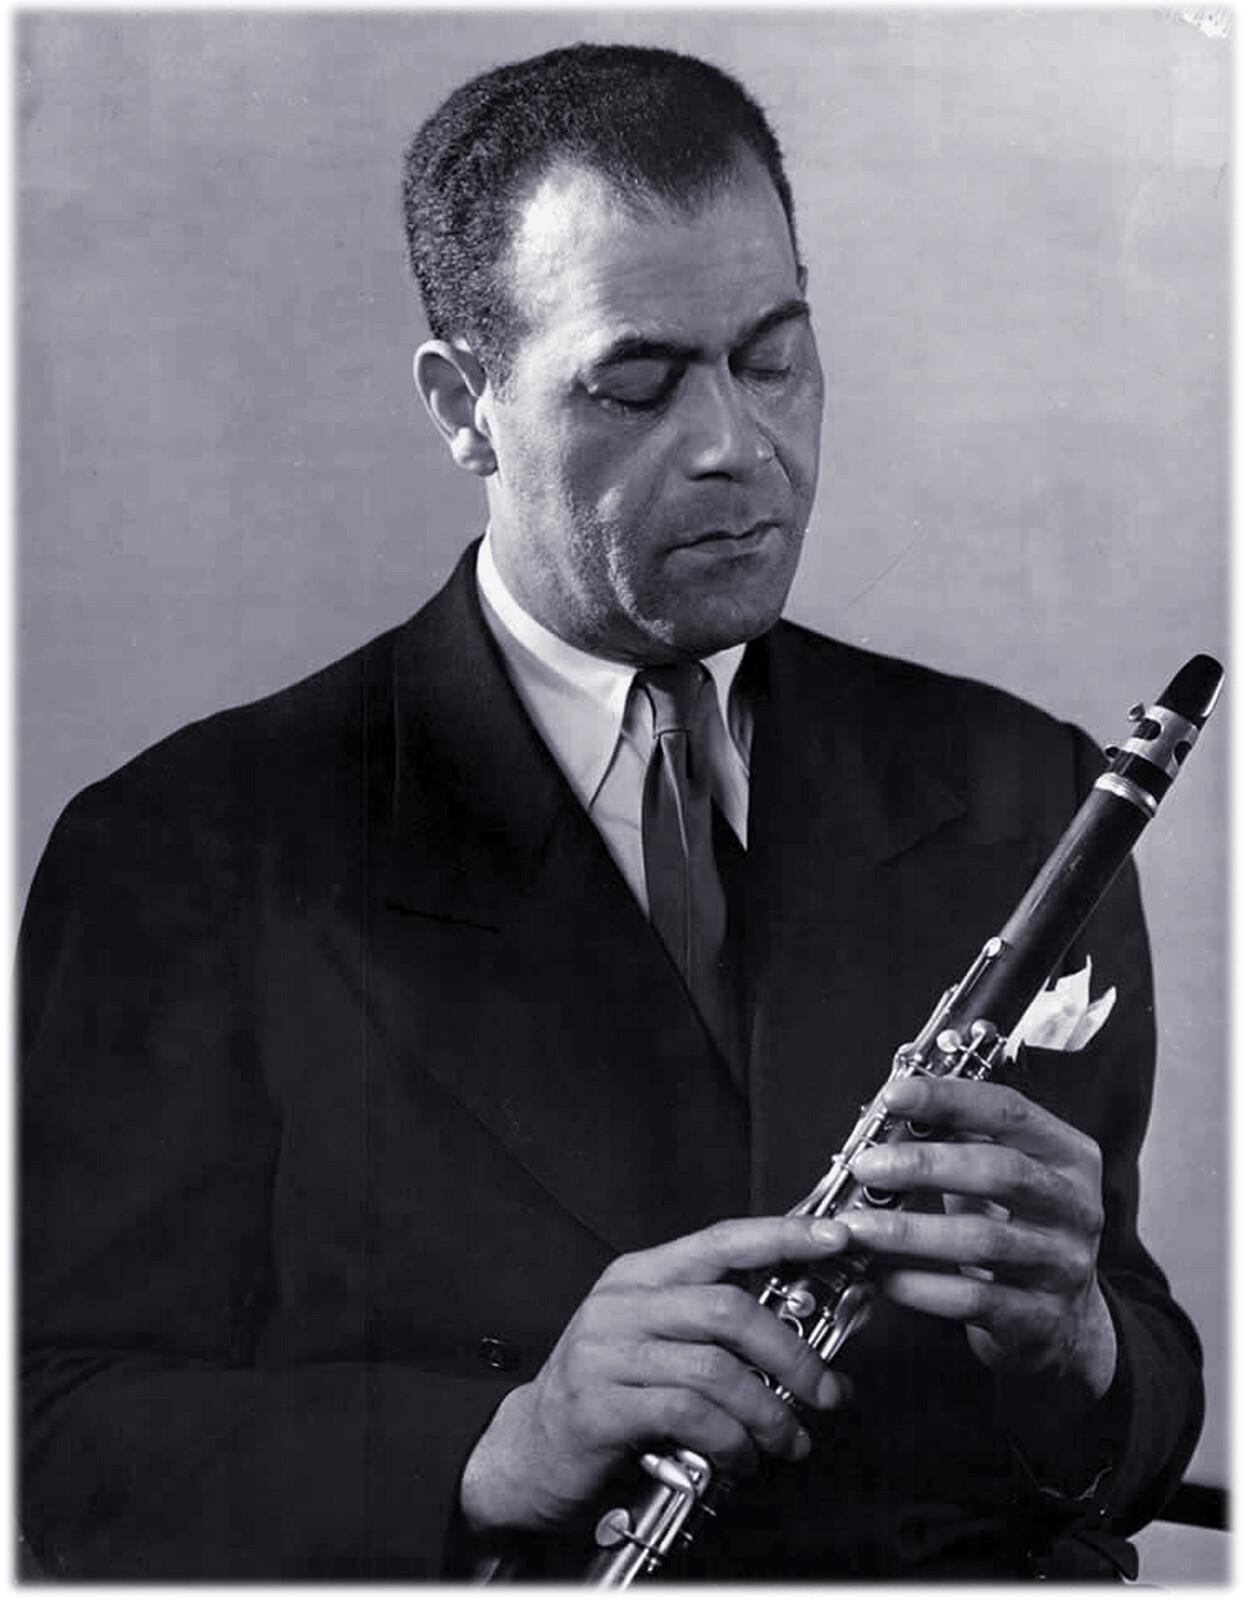 Frank Goudie c. 1950.